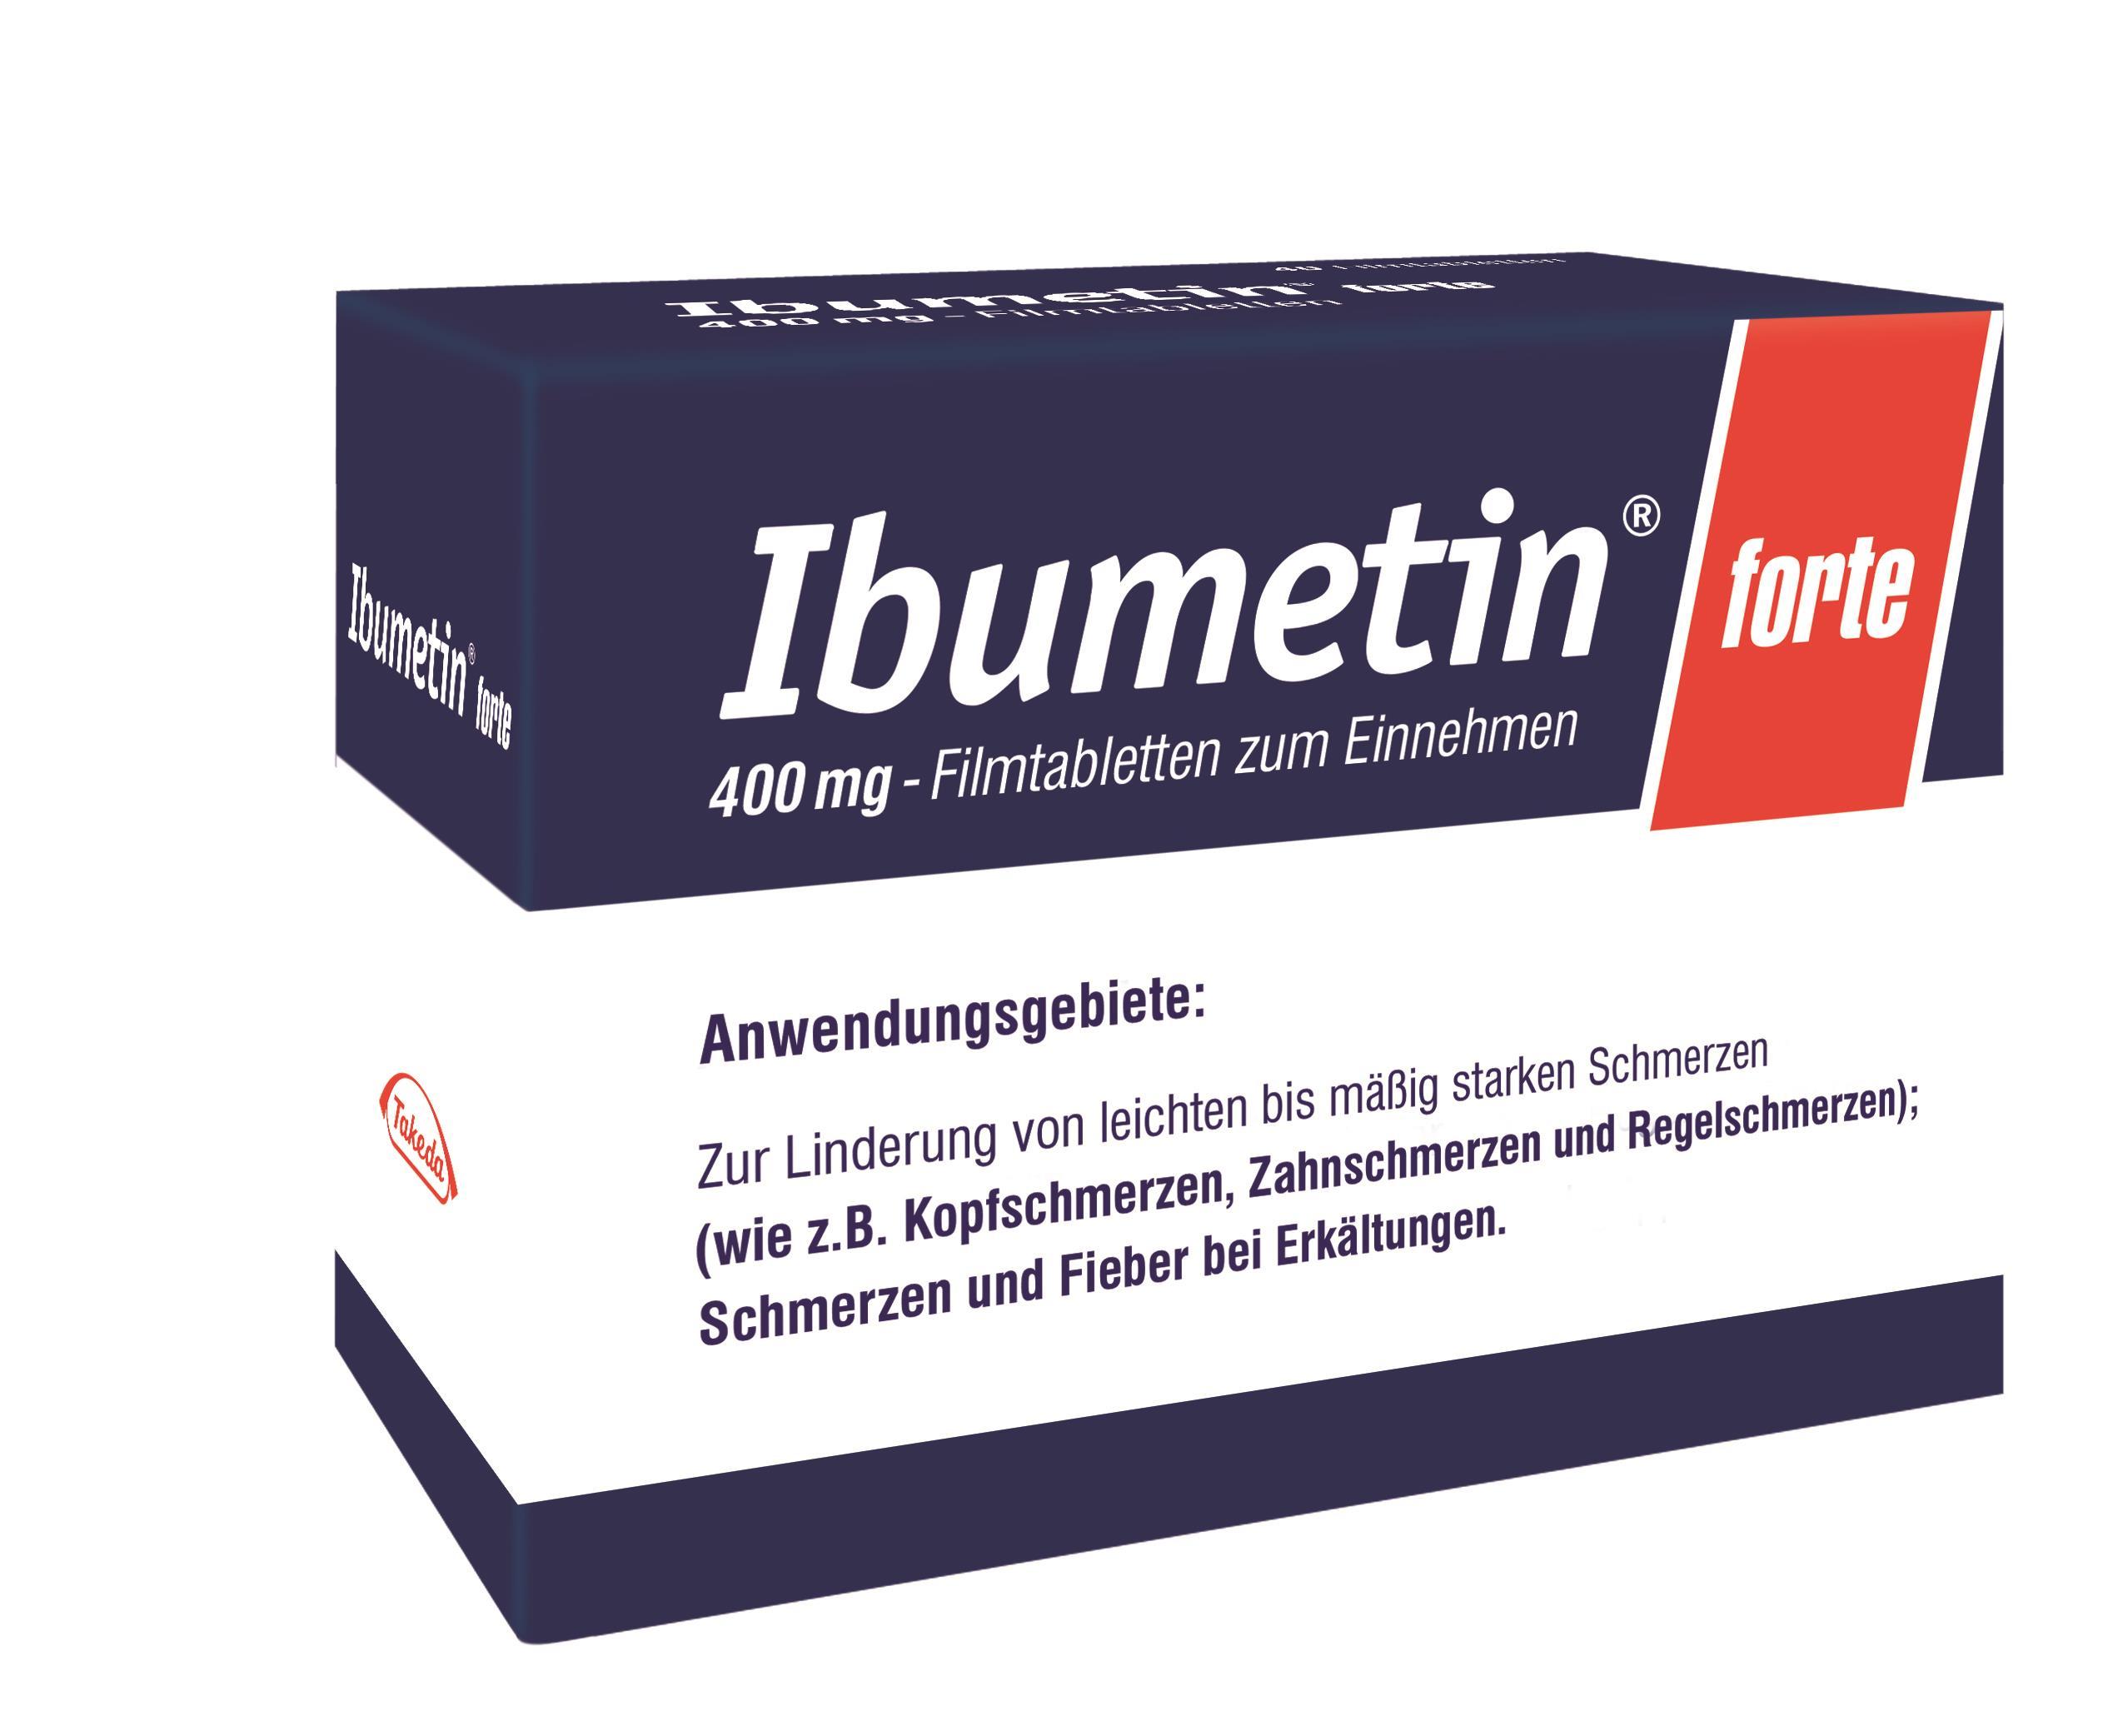 Ibumetin forte 400 mg - Filmtabletten